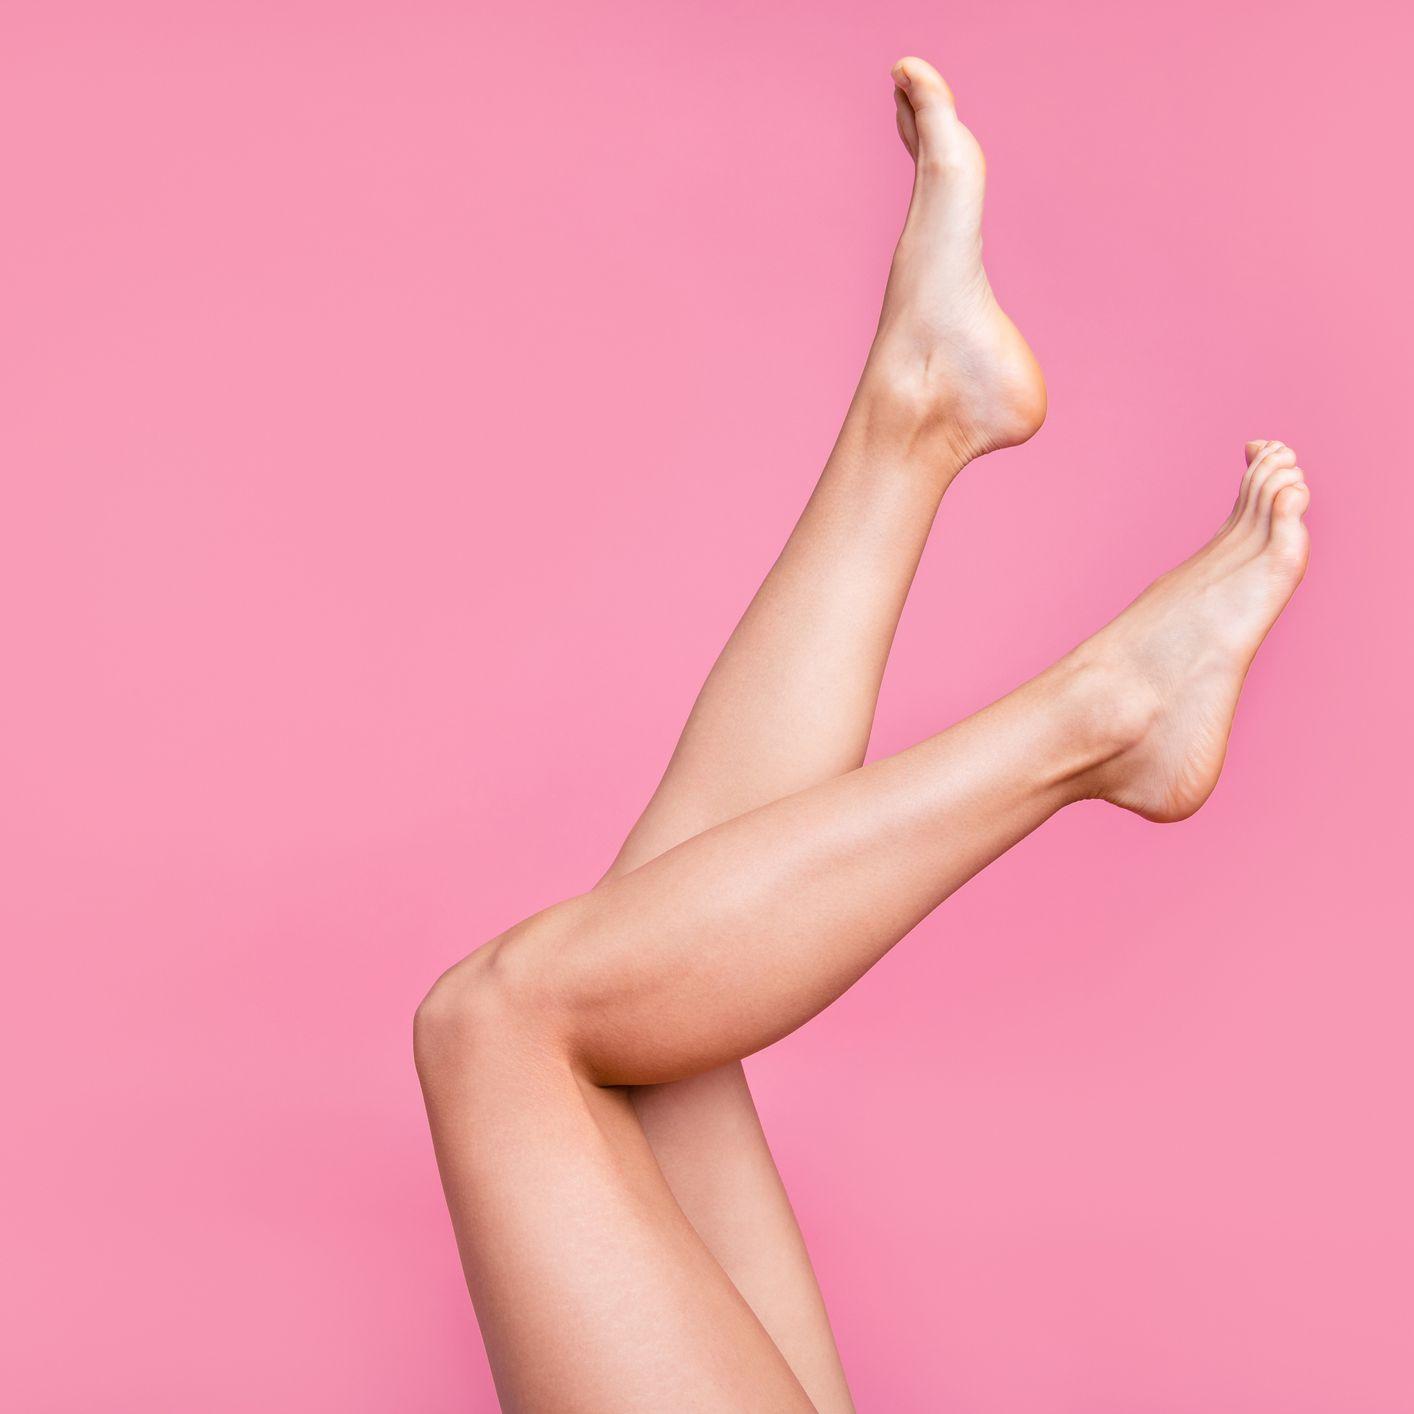 képek az erekcióról ötféle pénisz